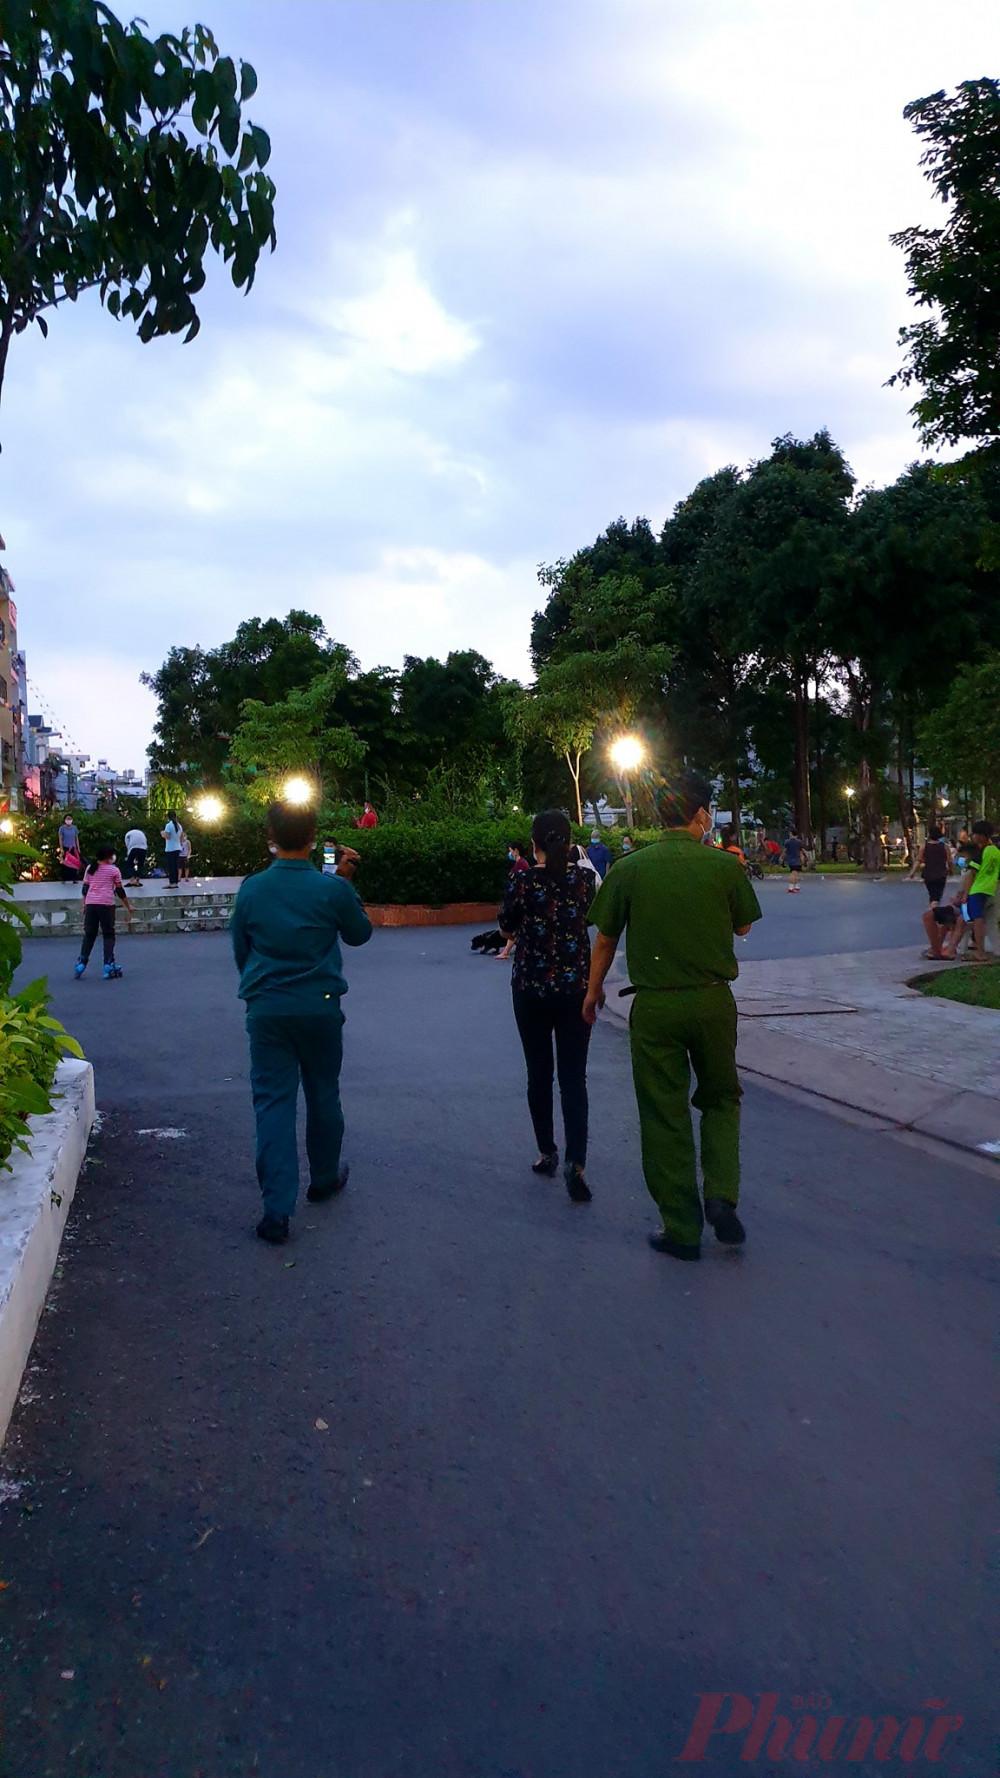 Cơ quan chức năng địa phương thường xuyên tổ chức các đợt tuyên truyền, kiểm tra việc thực hiện phòng chống dịch của người dân ở những đại điểm công cộng - Ảnh: Nguyễn Thuận